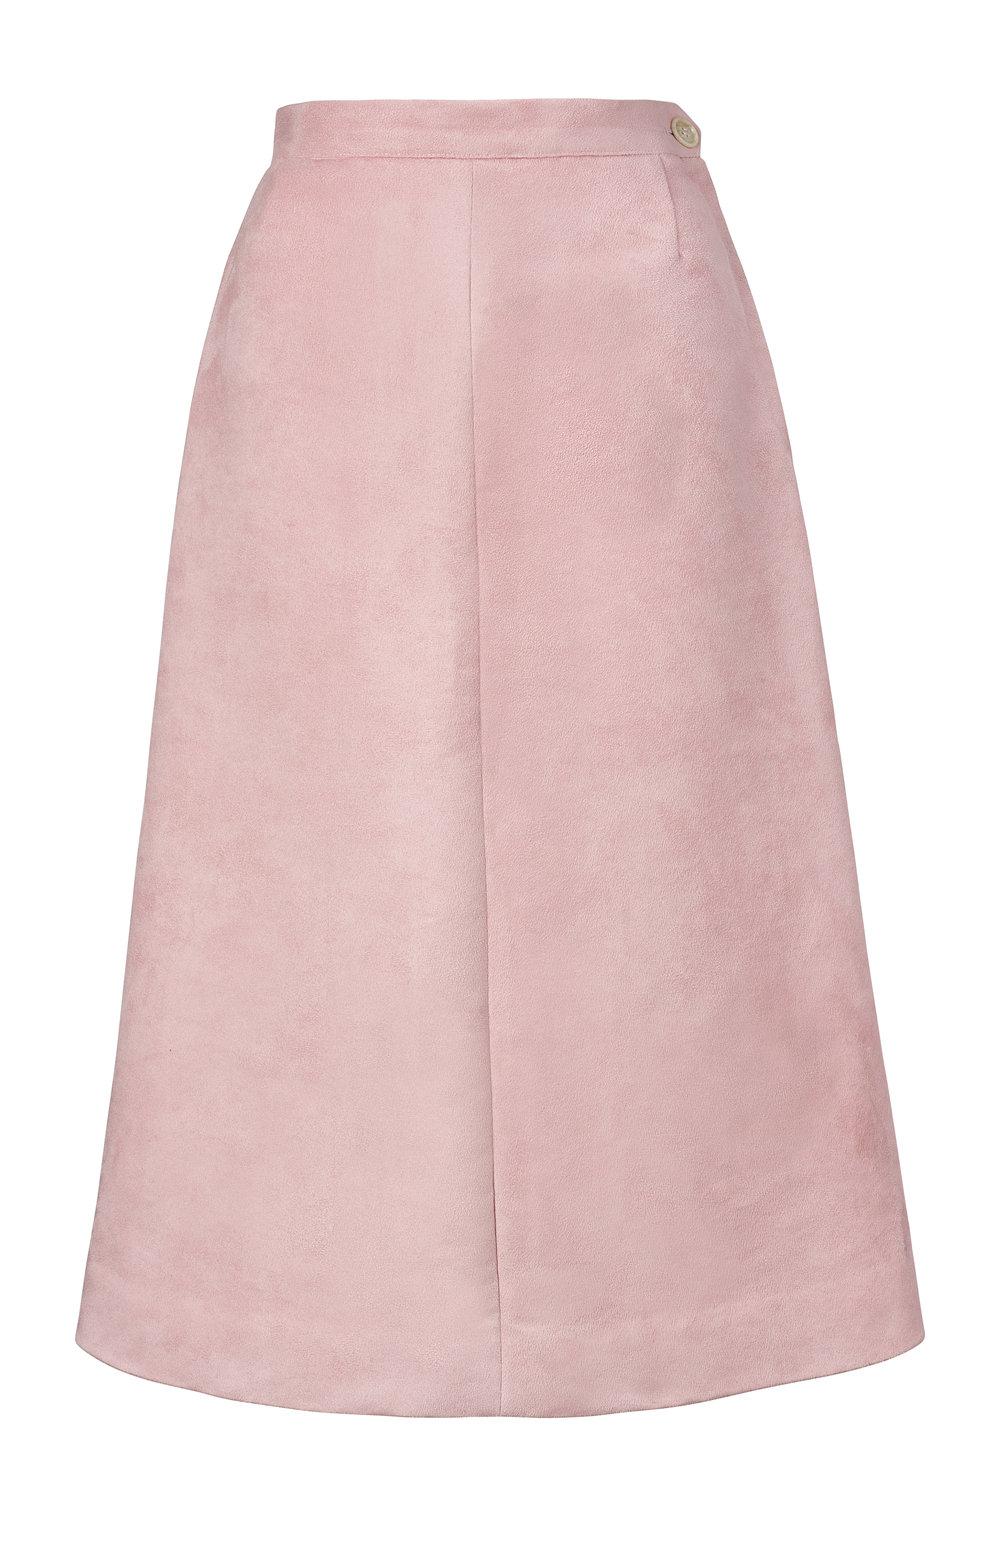 The TCB Skirt $300